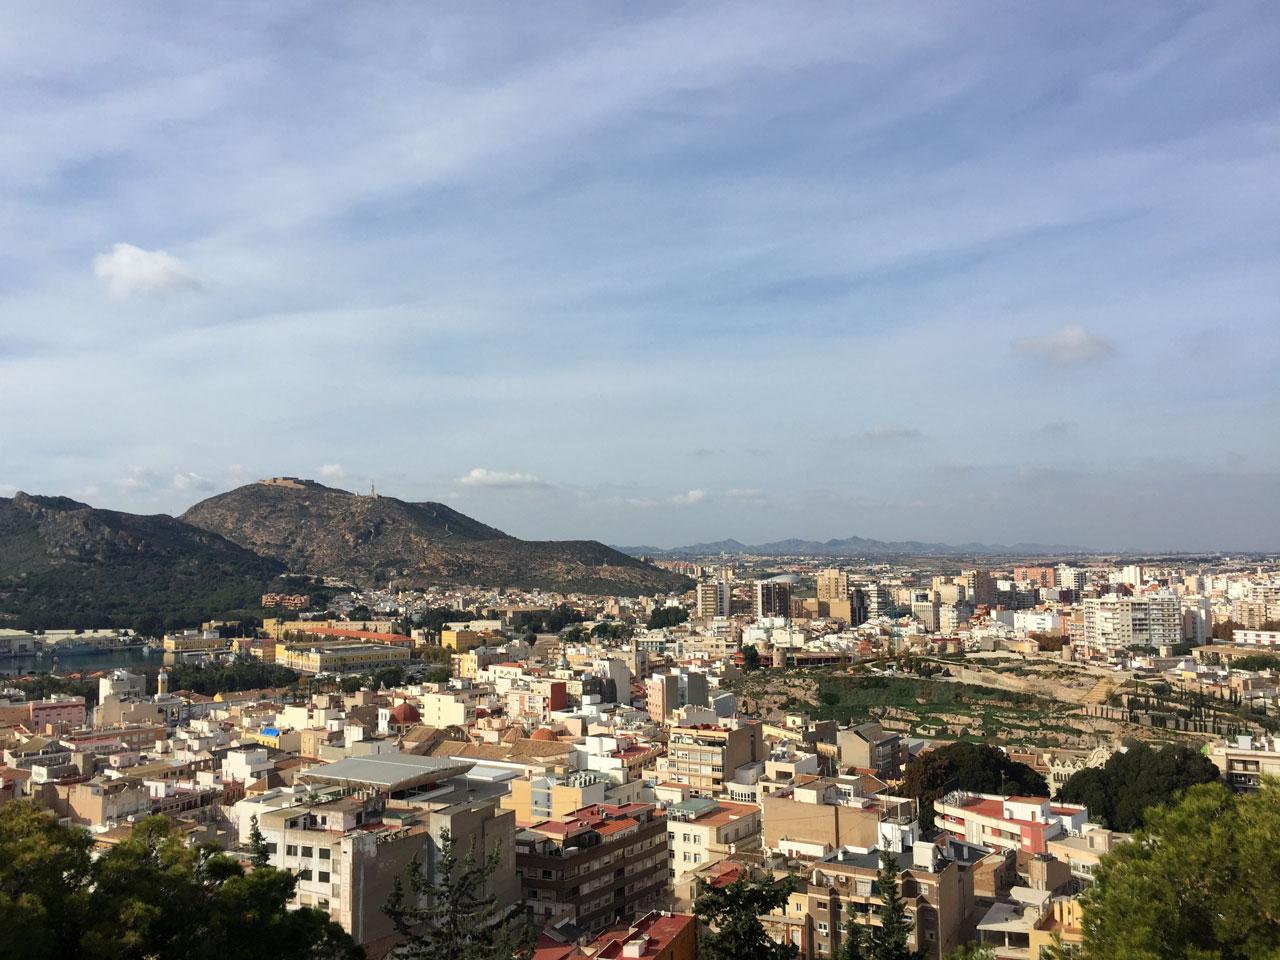 View of Cartagena, Spain from the Castillo de la Concepción